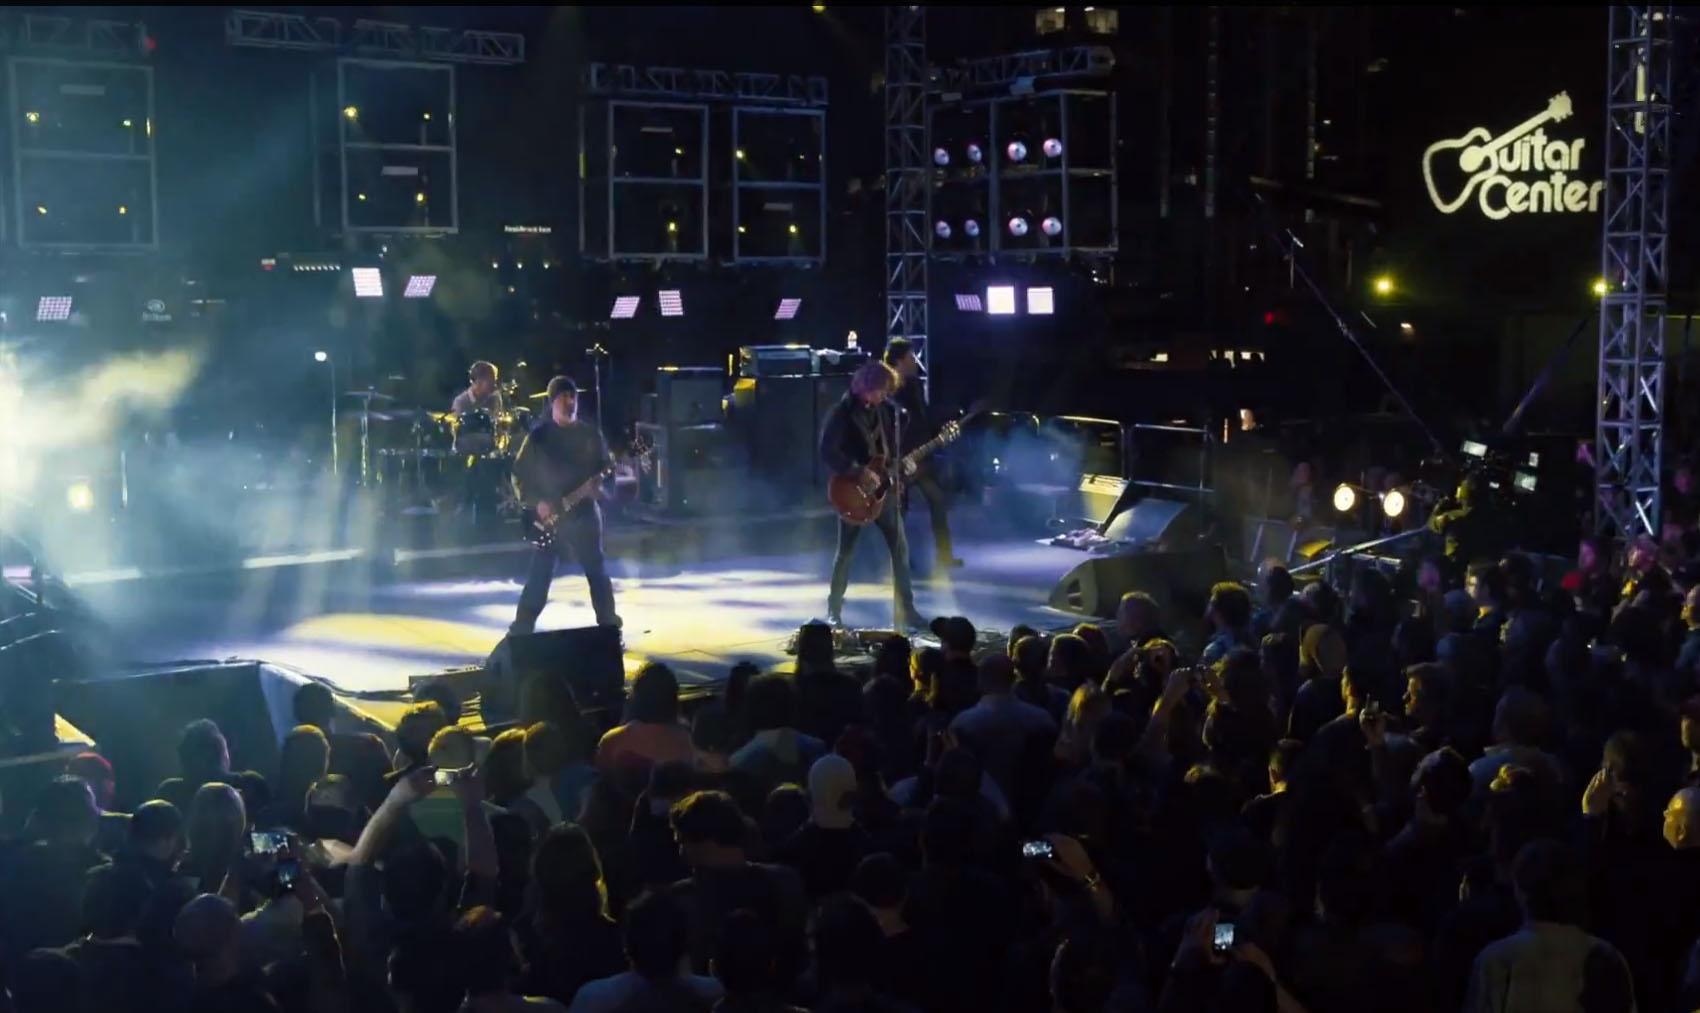 http://www.clynemedia.com/guitarcenter/SessionsSeason8/GCSessions_Soundgarden.jpg